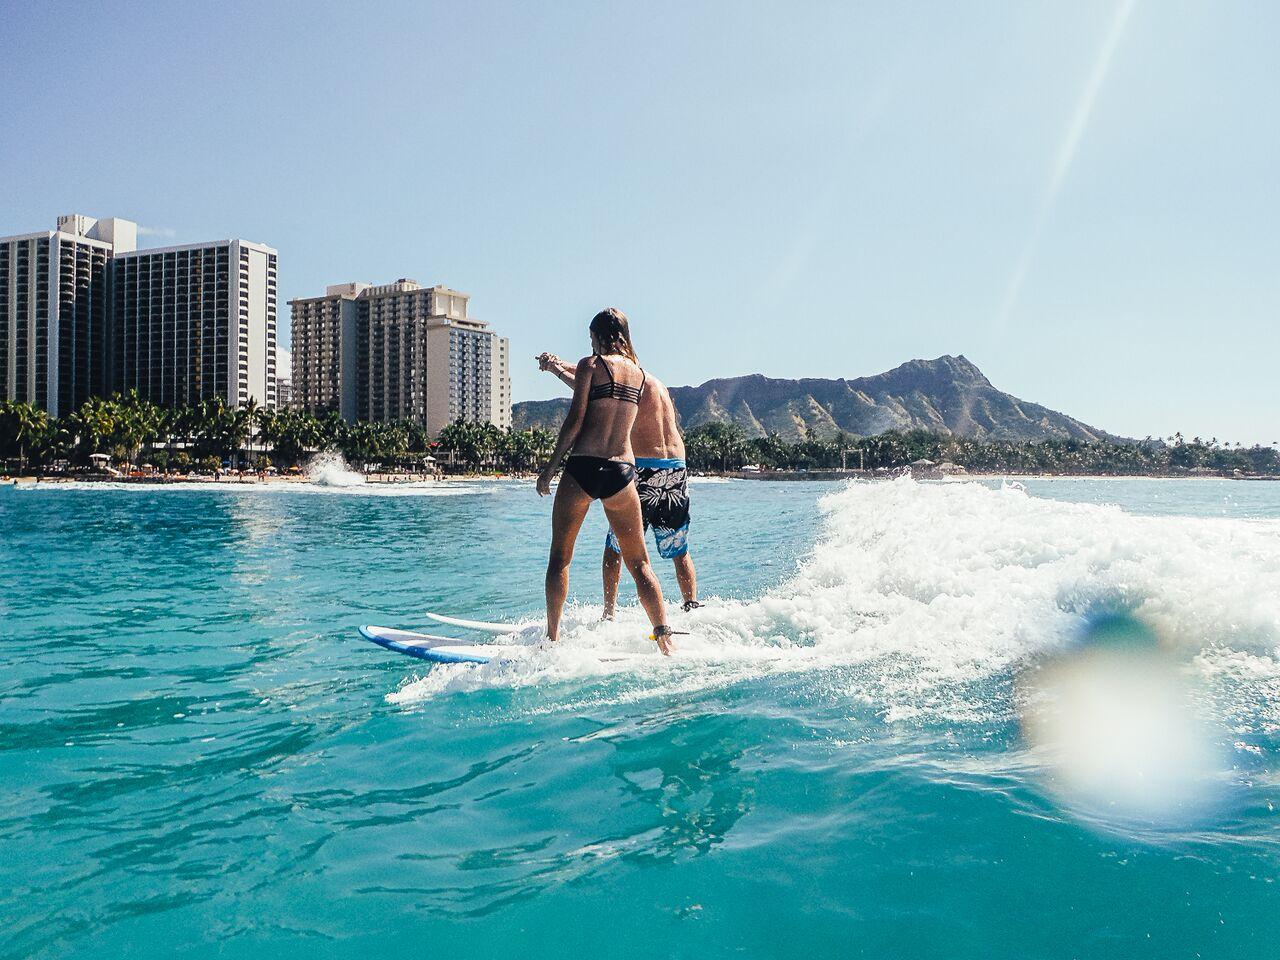 JK_Surfer_Girl_Hawaii